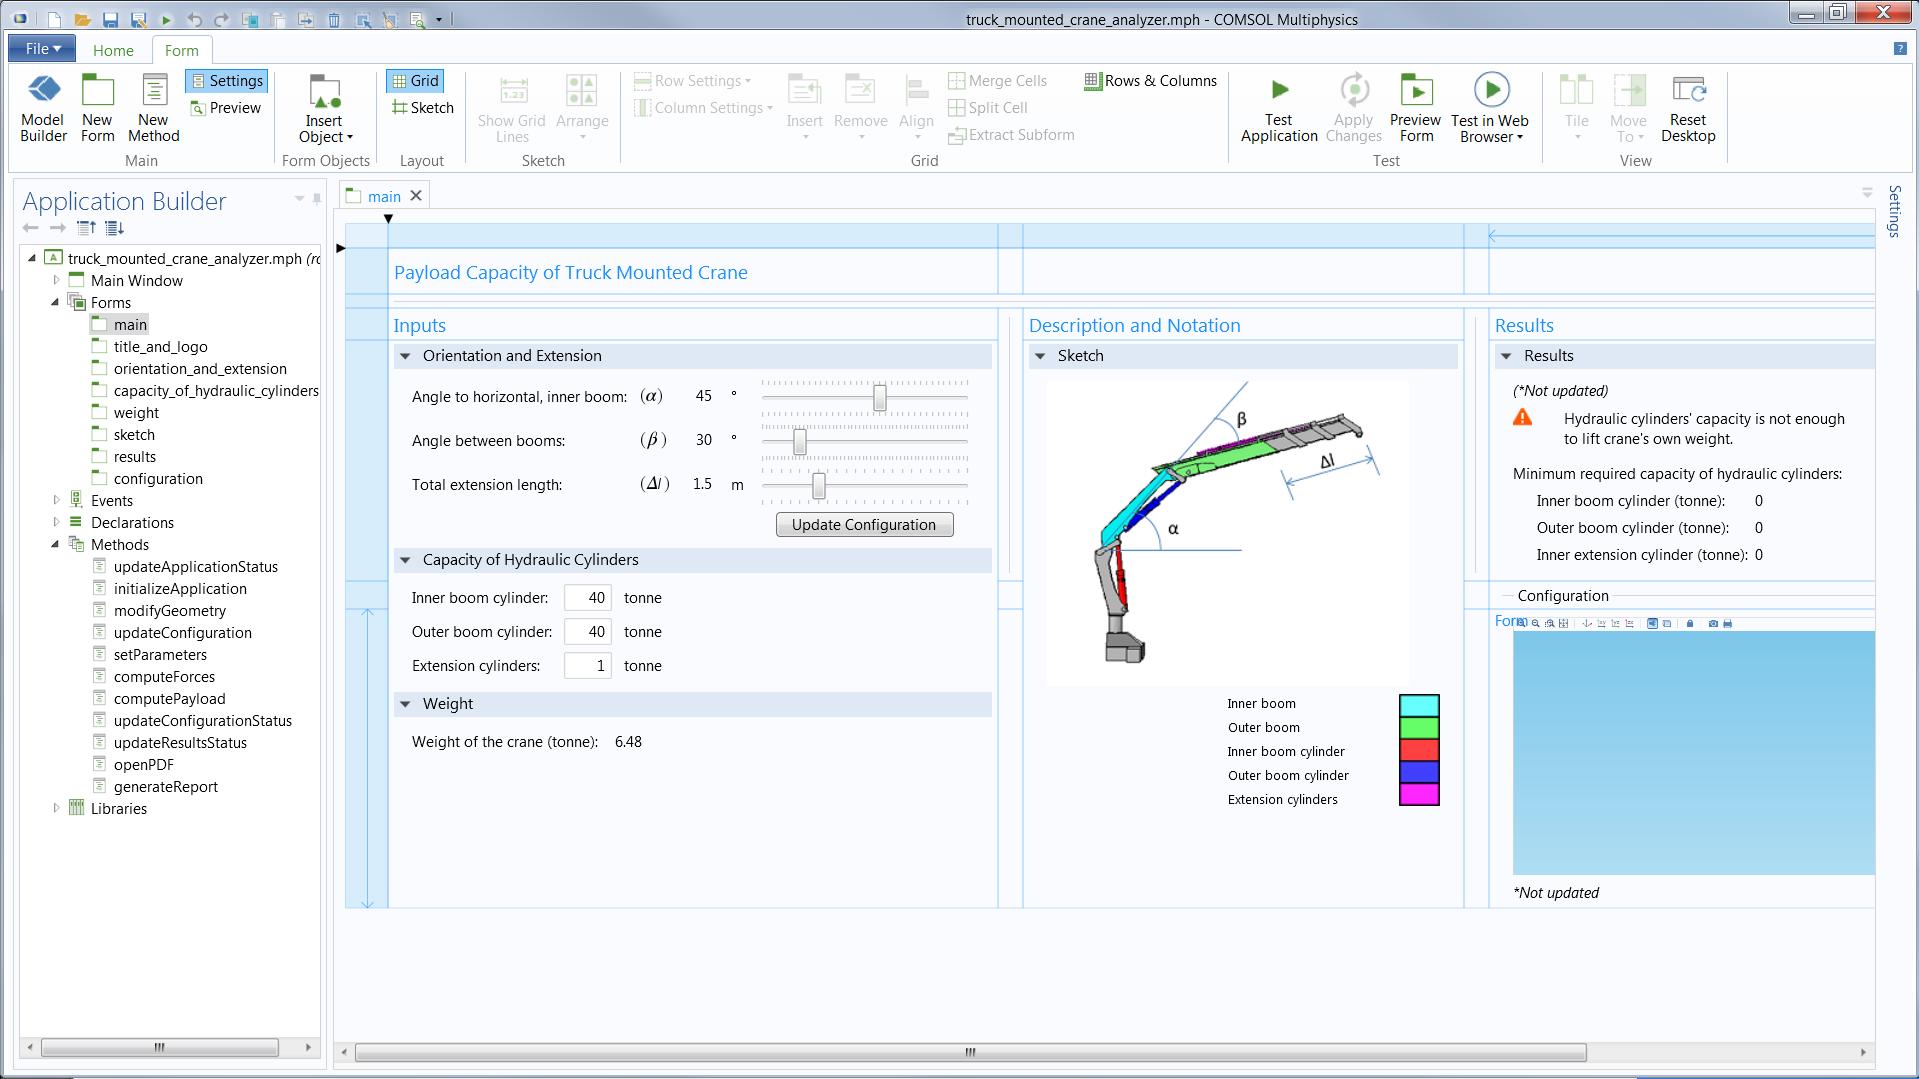 Application Builder - COMSOL Multiphysics 5 1